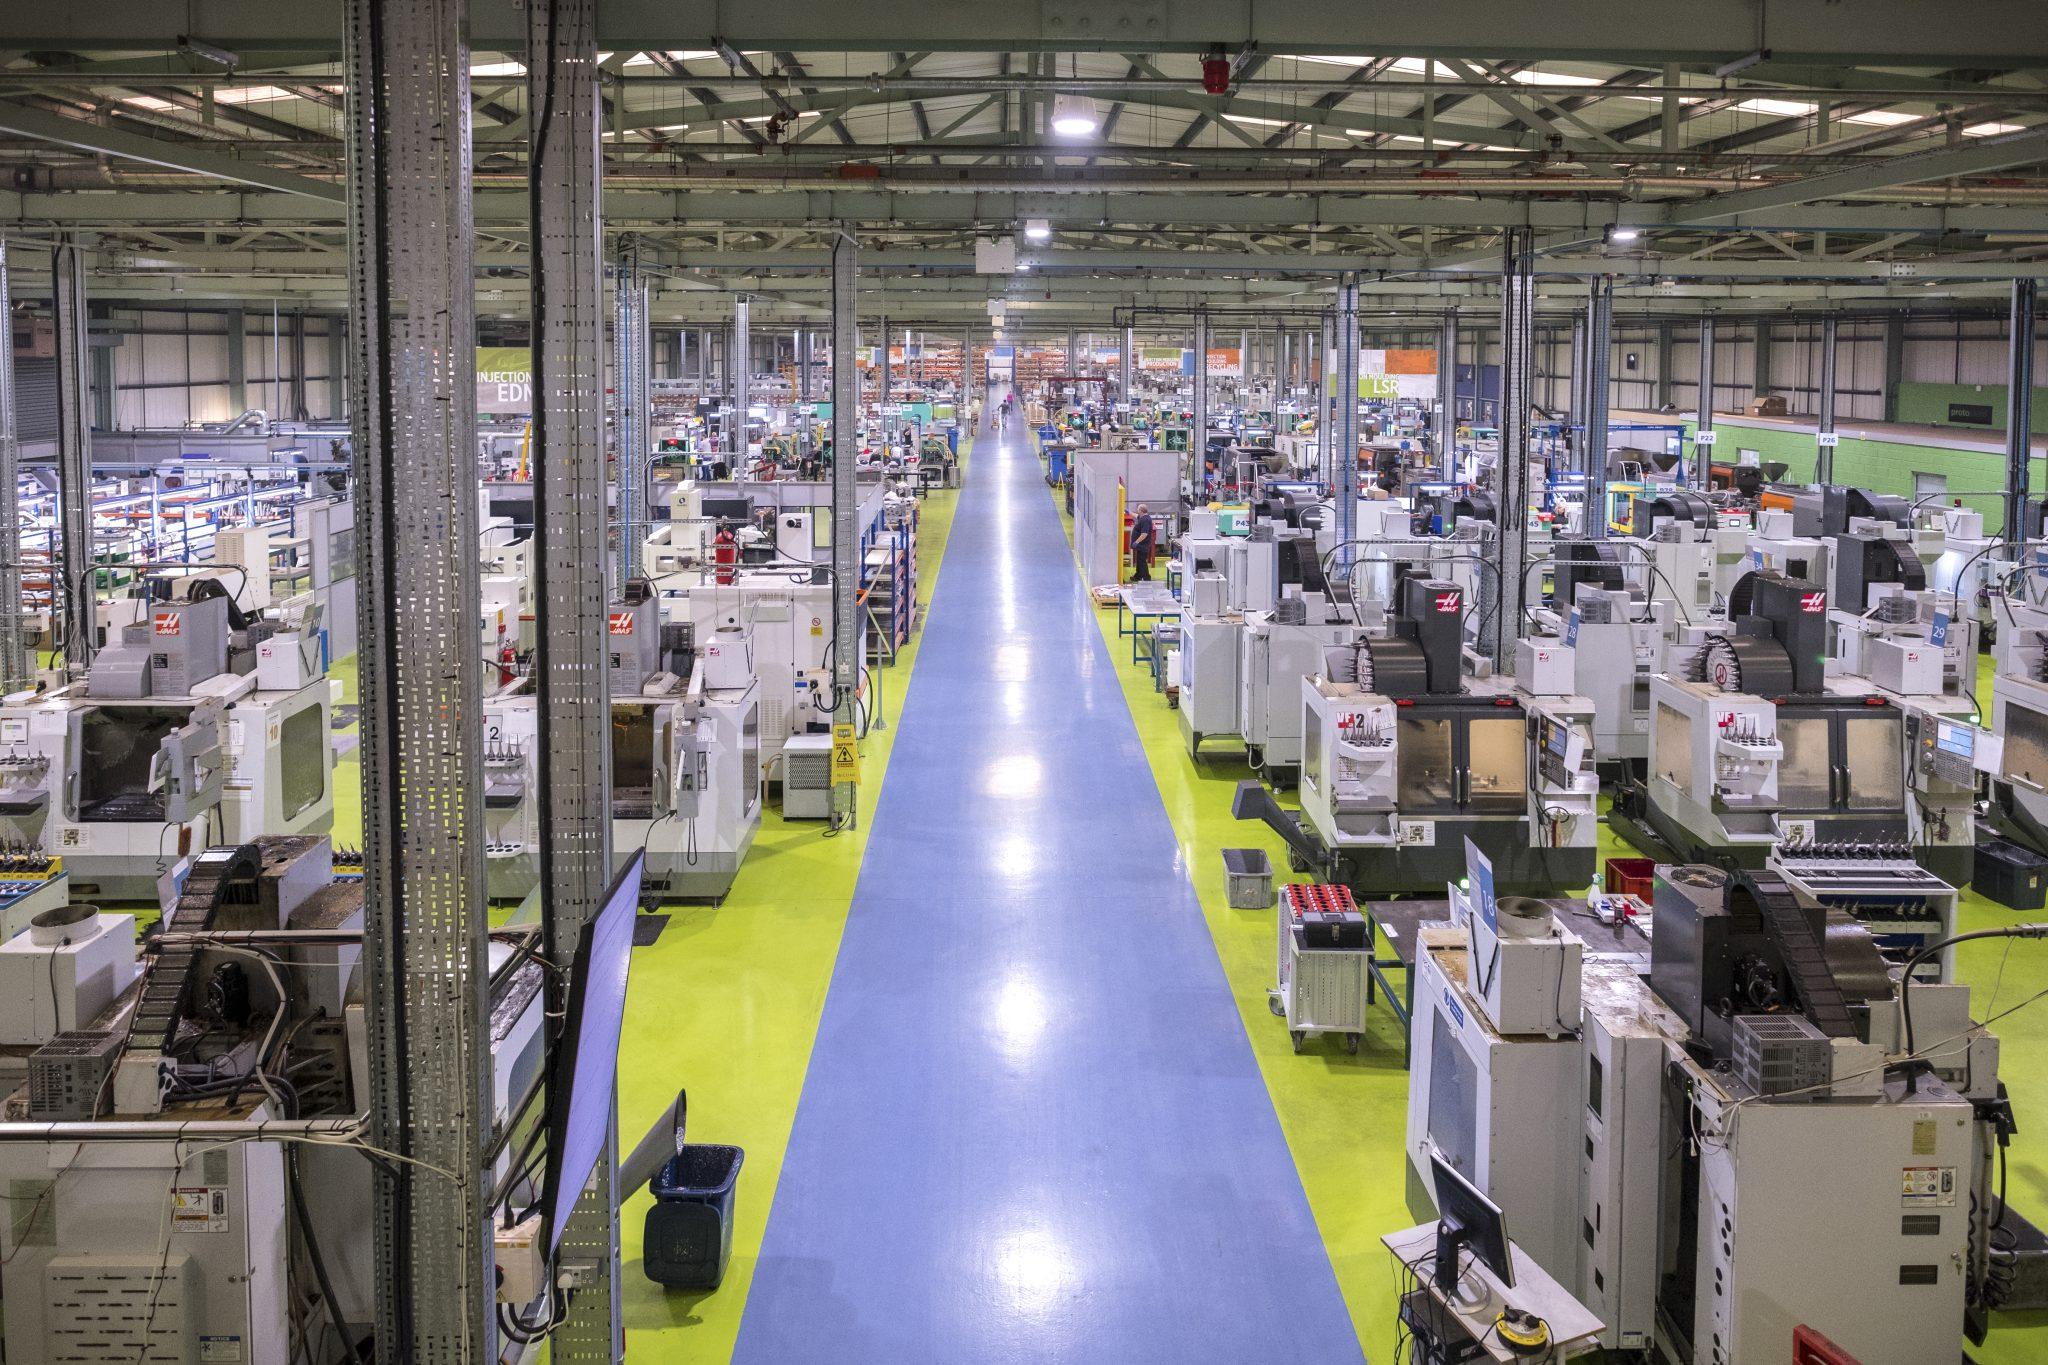 Protolabs facilities. Photo via Protolabs.